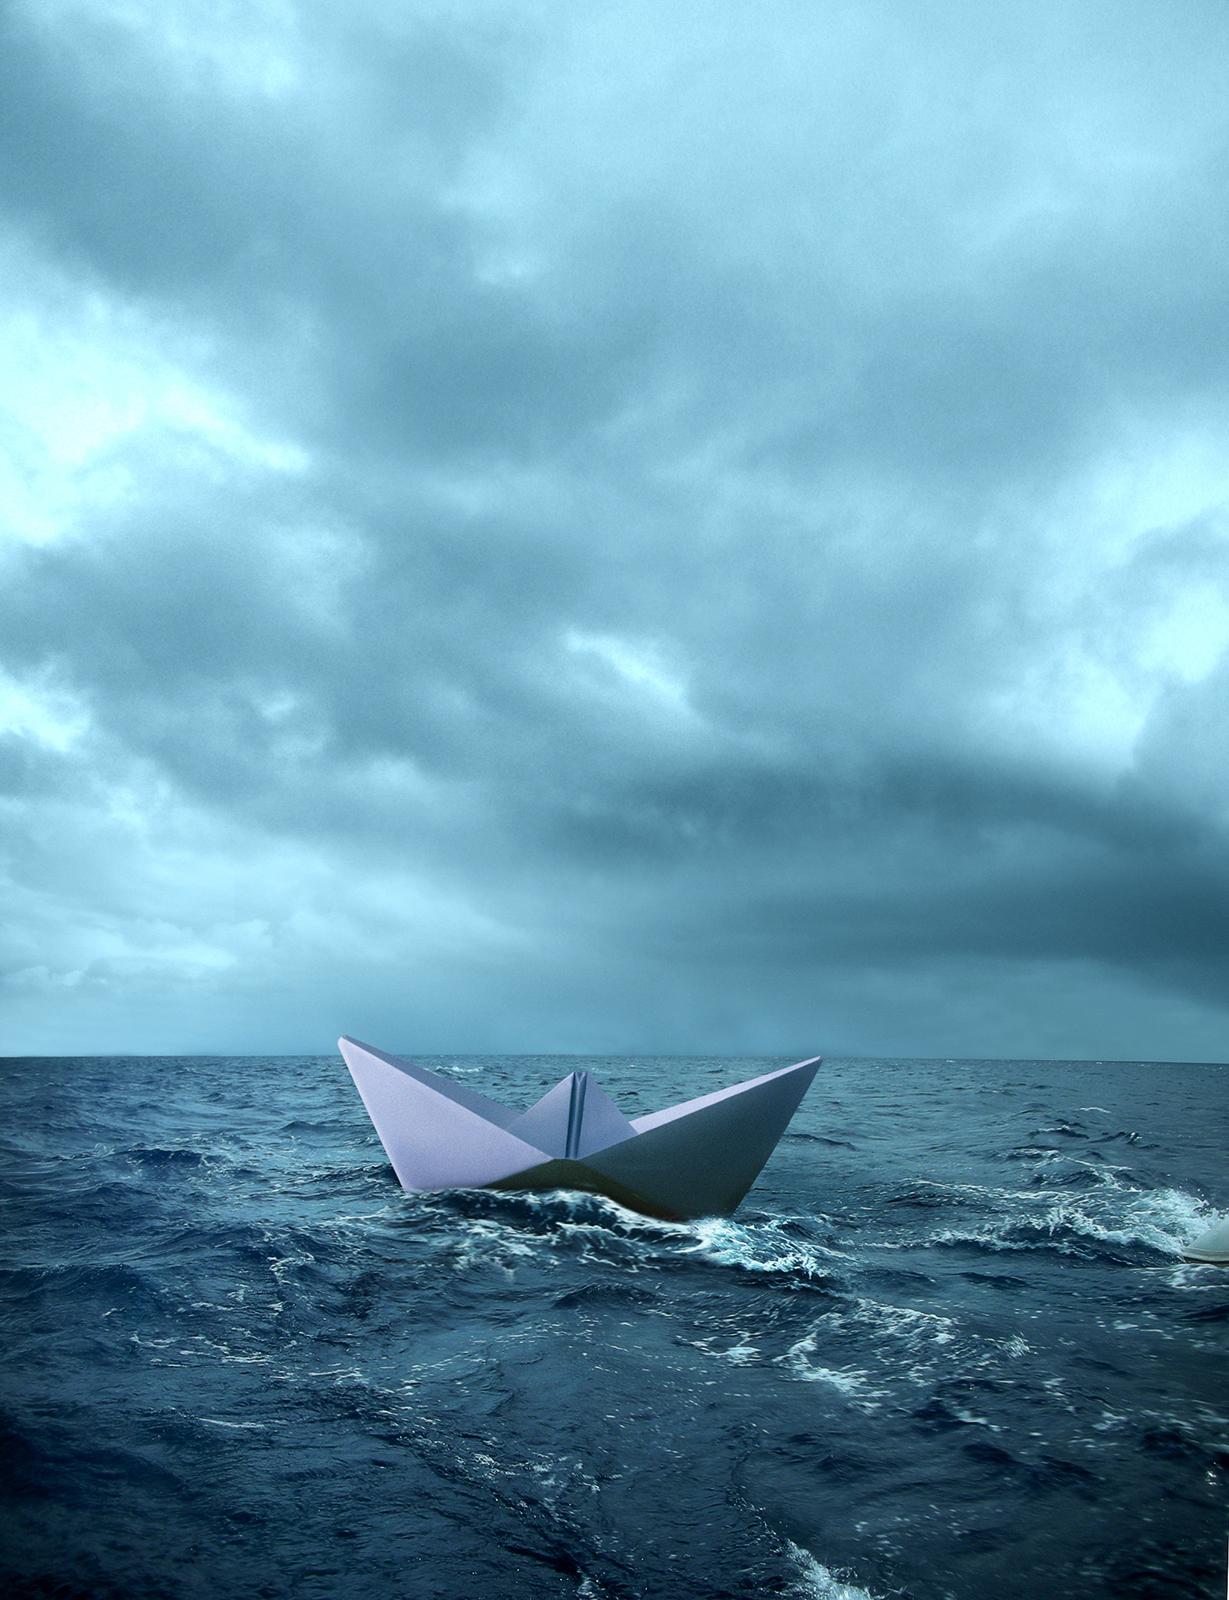 bateau 06 reflet et vagues